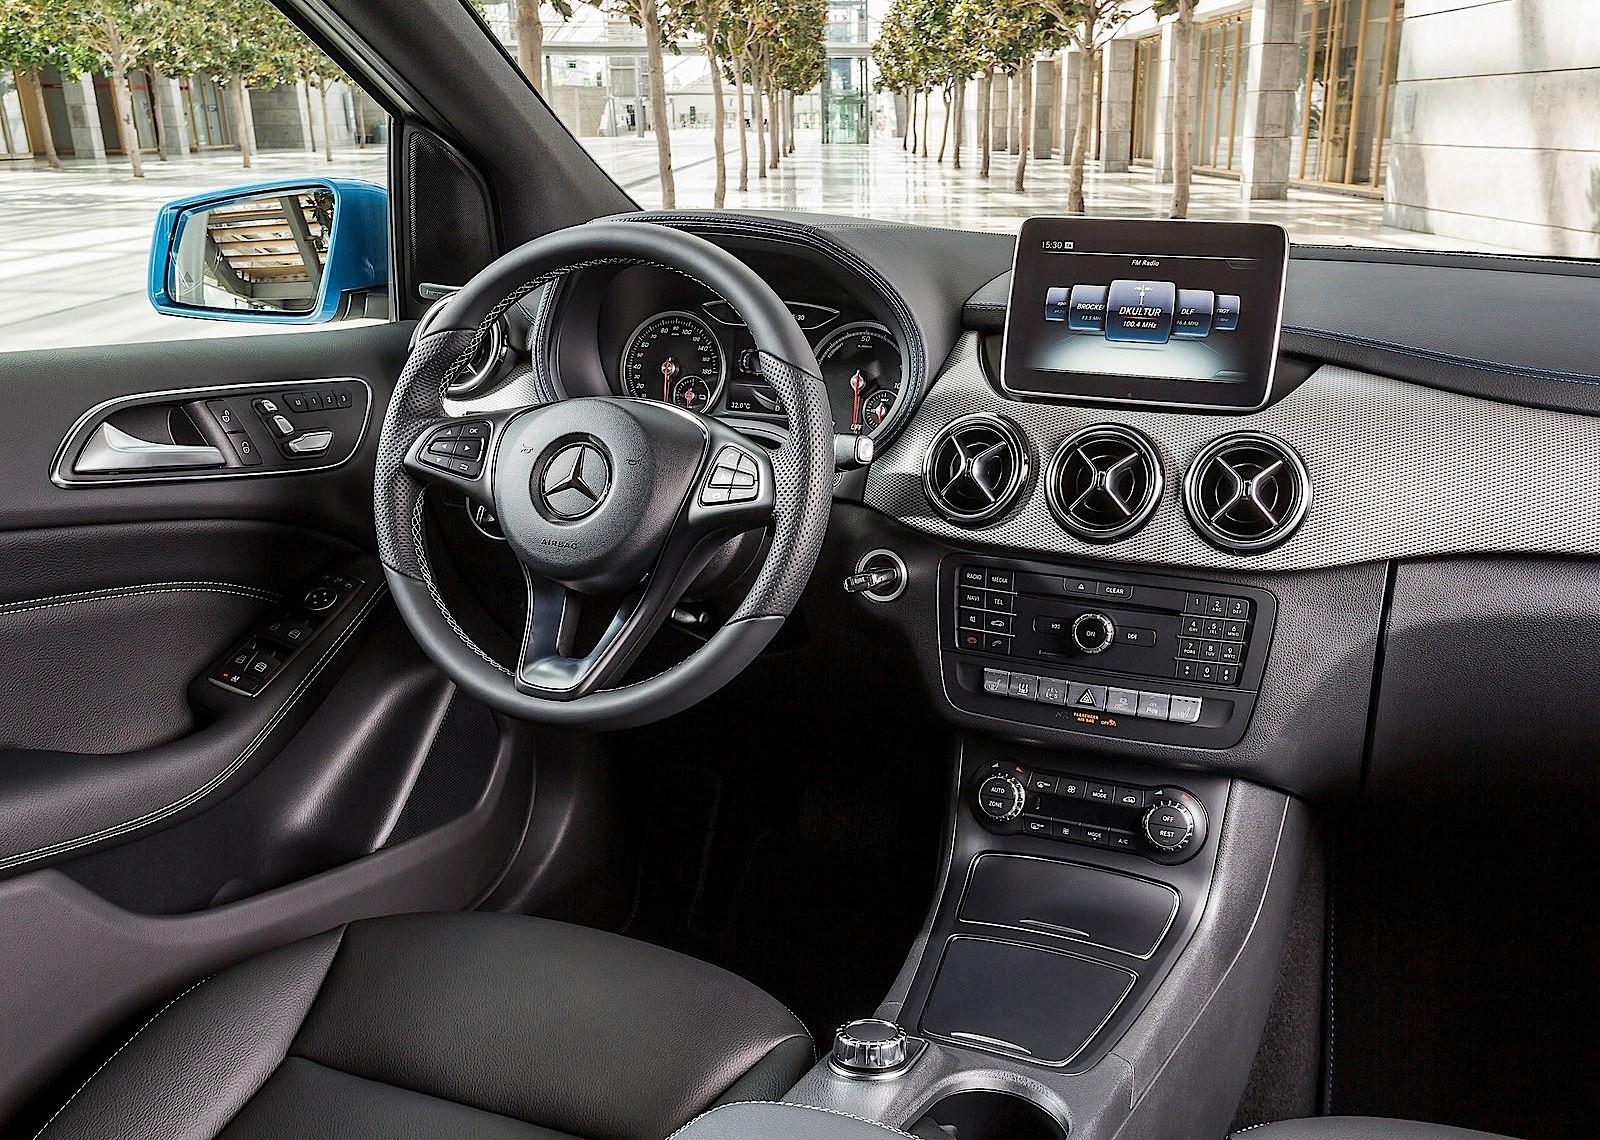 Mercedes Benz B Class W246 Specs Photos 2014 2015 2016 2017